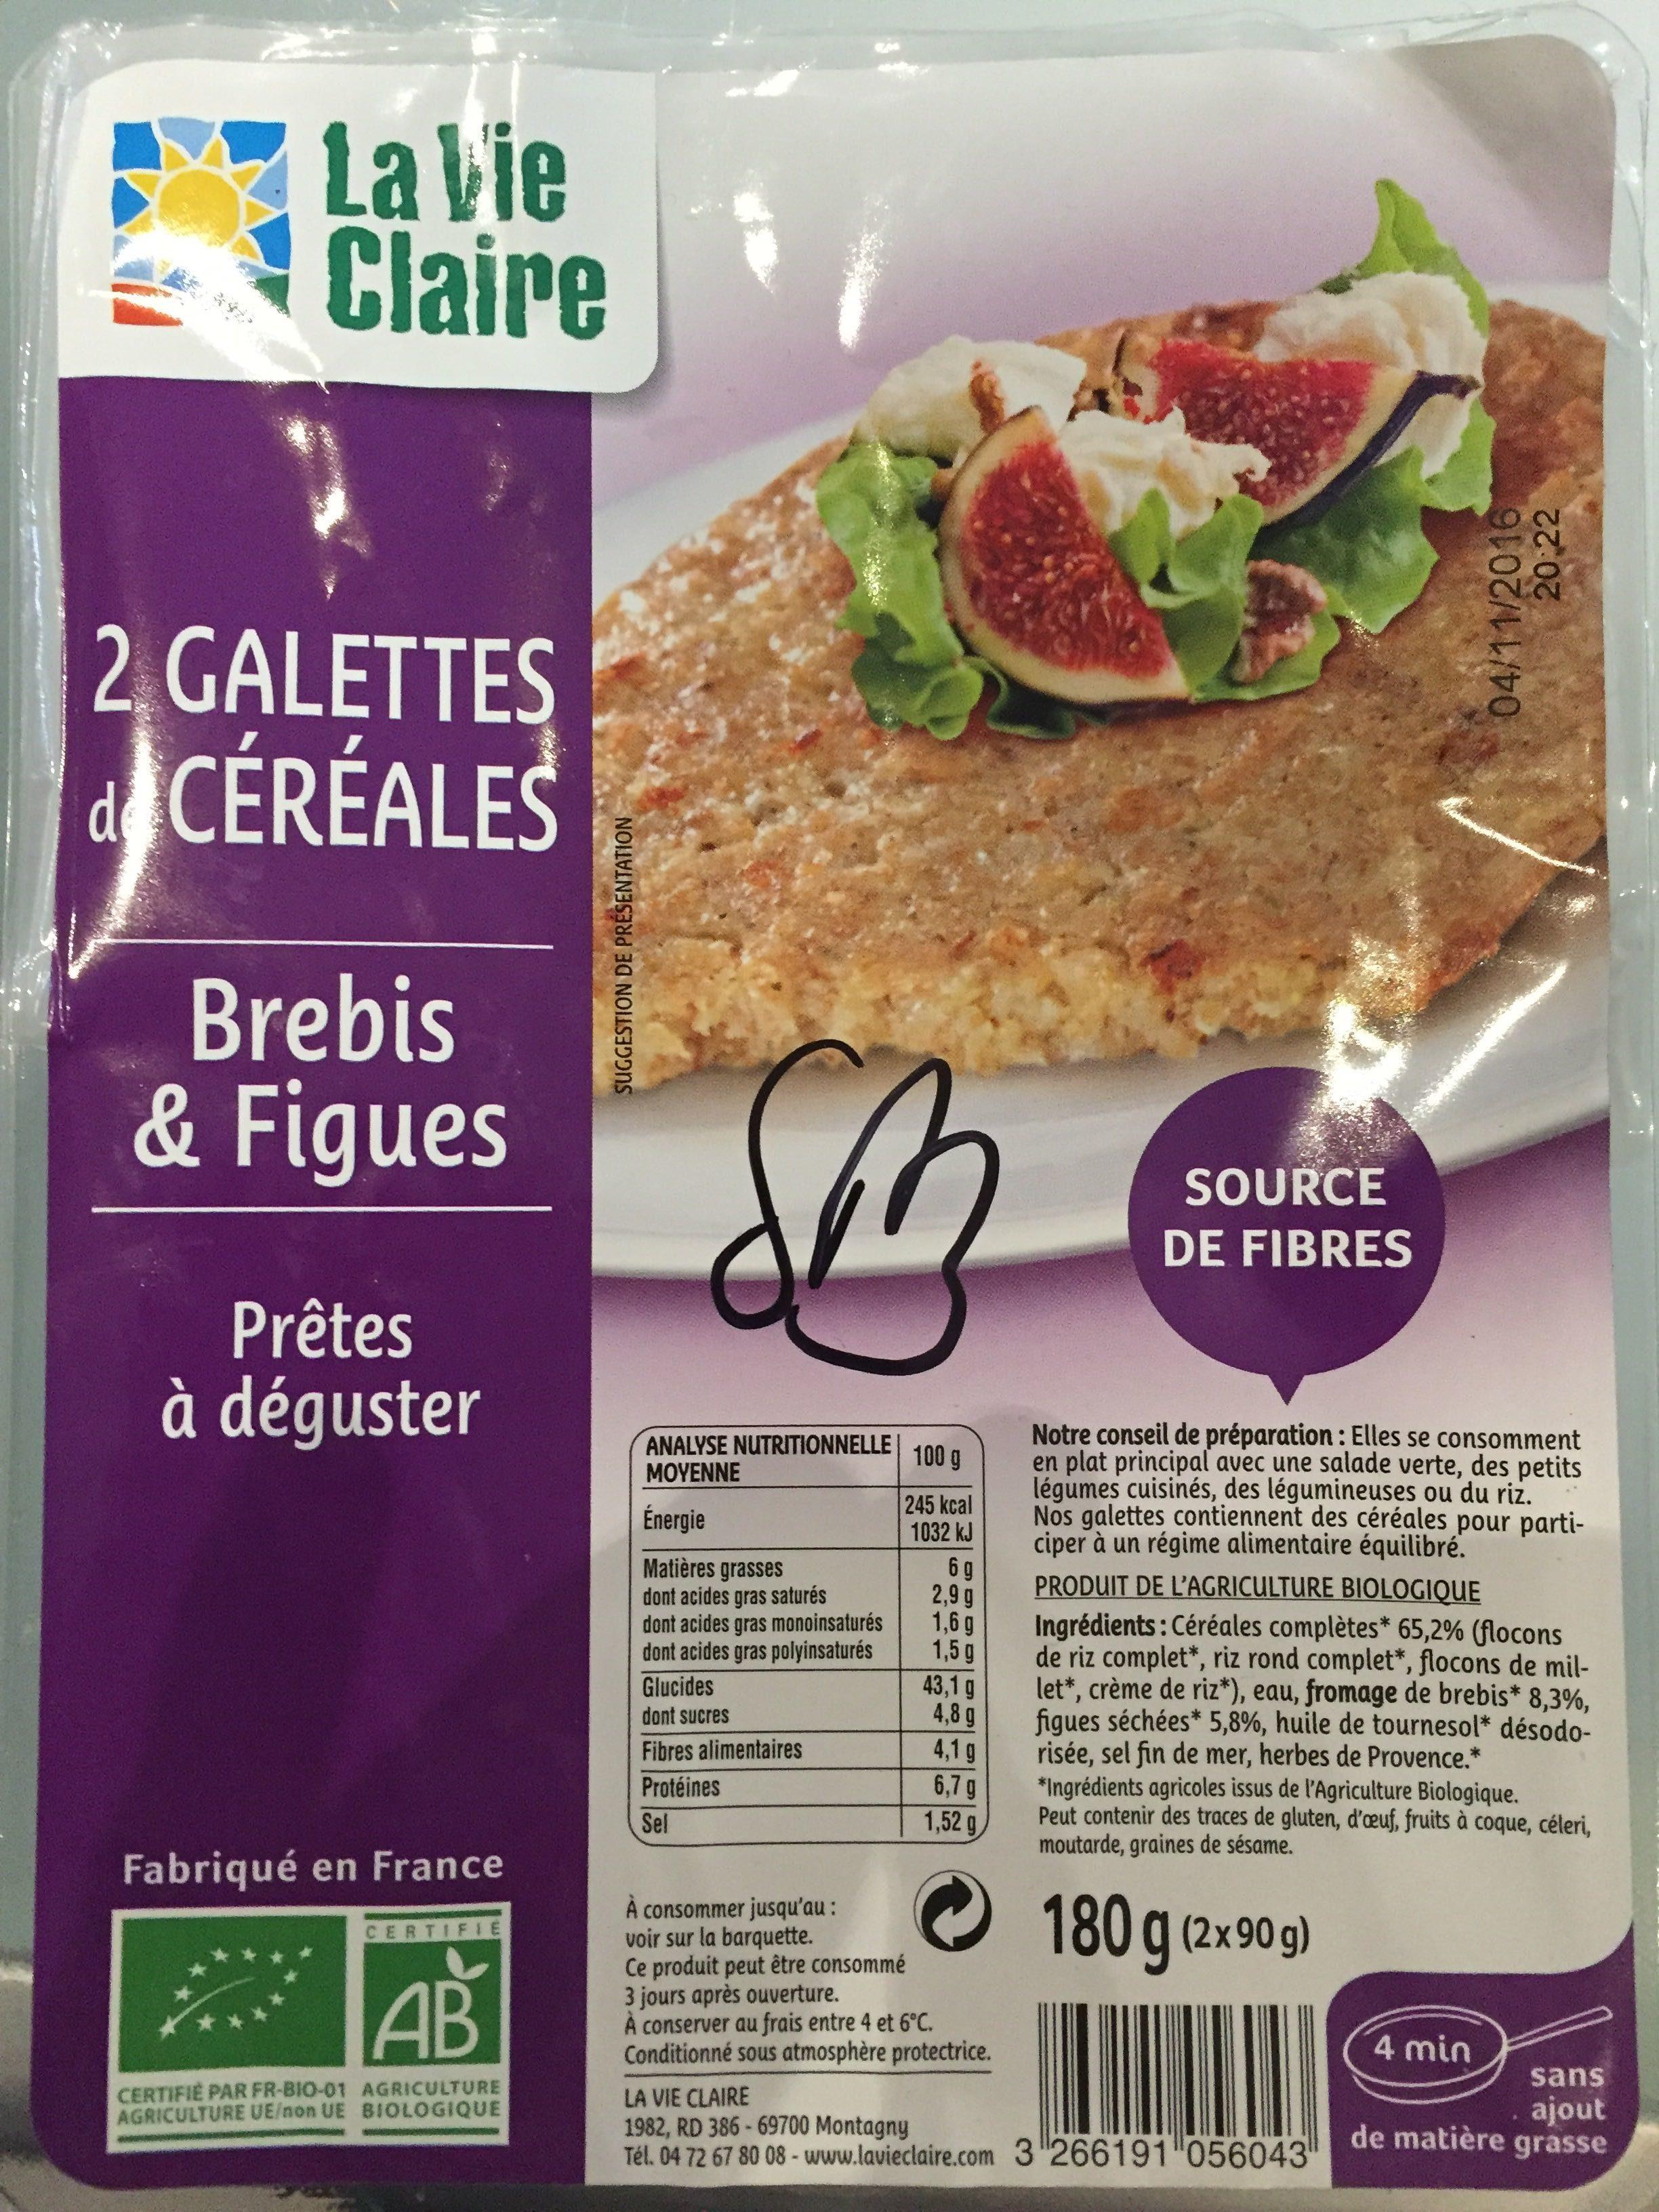 2 Galettes de Céréales Brebis & Figues Prêtes à déguster - Product